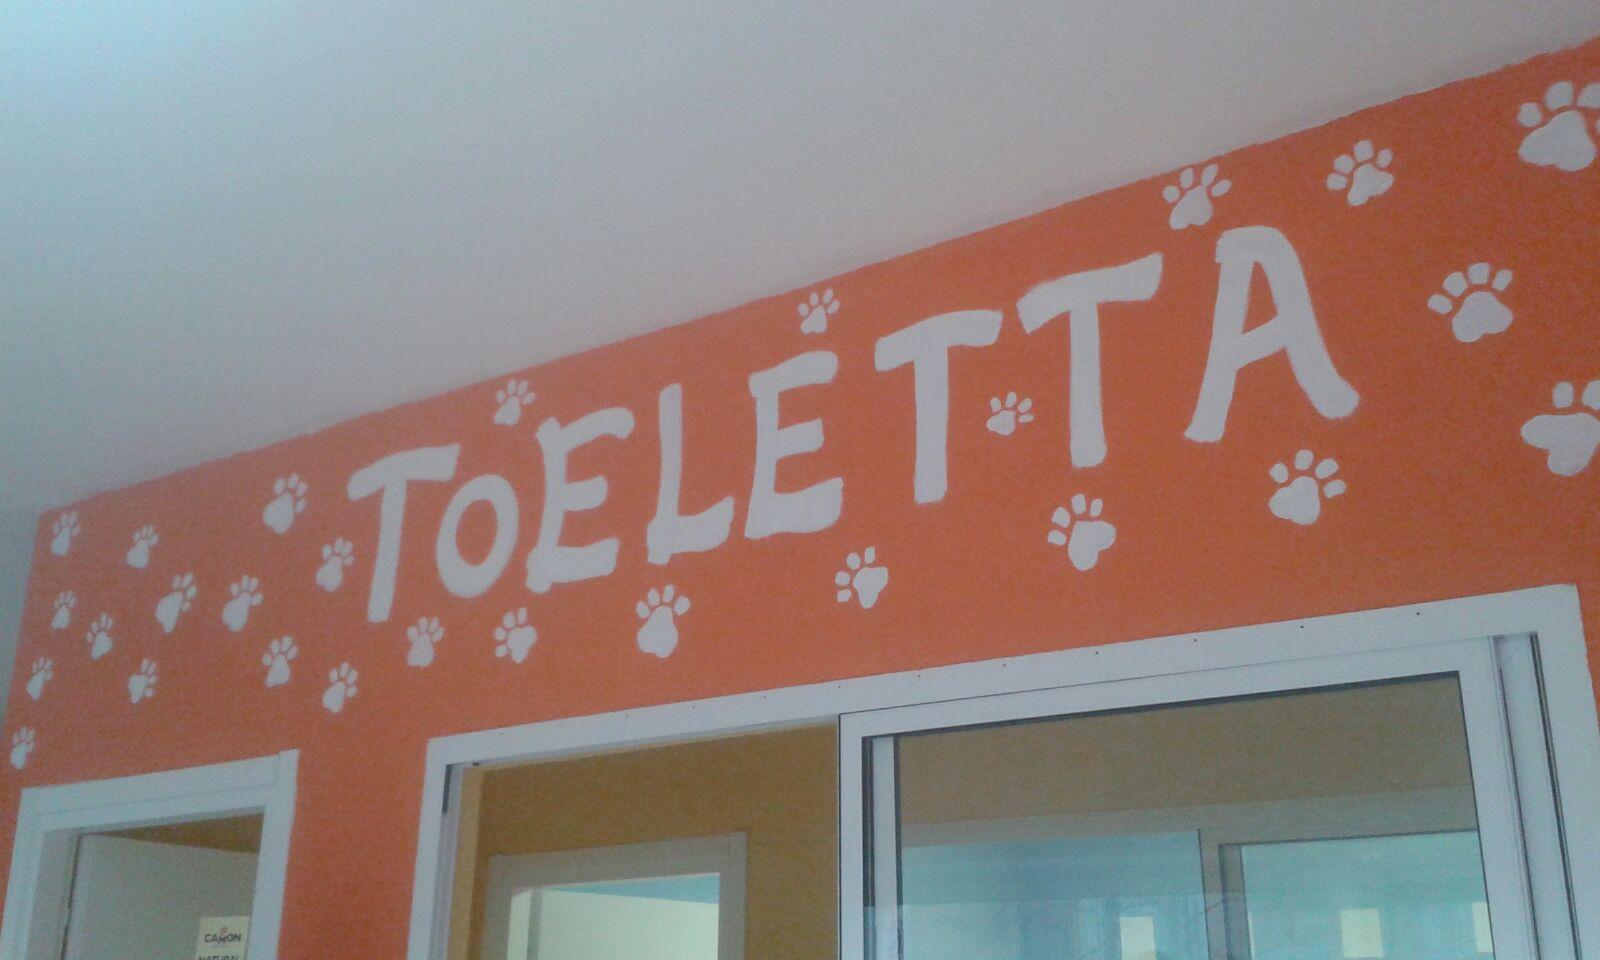 Un muro dipinto di color arancione con disegni delle zampe e scritto Toeletta